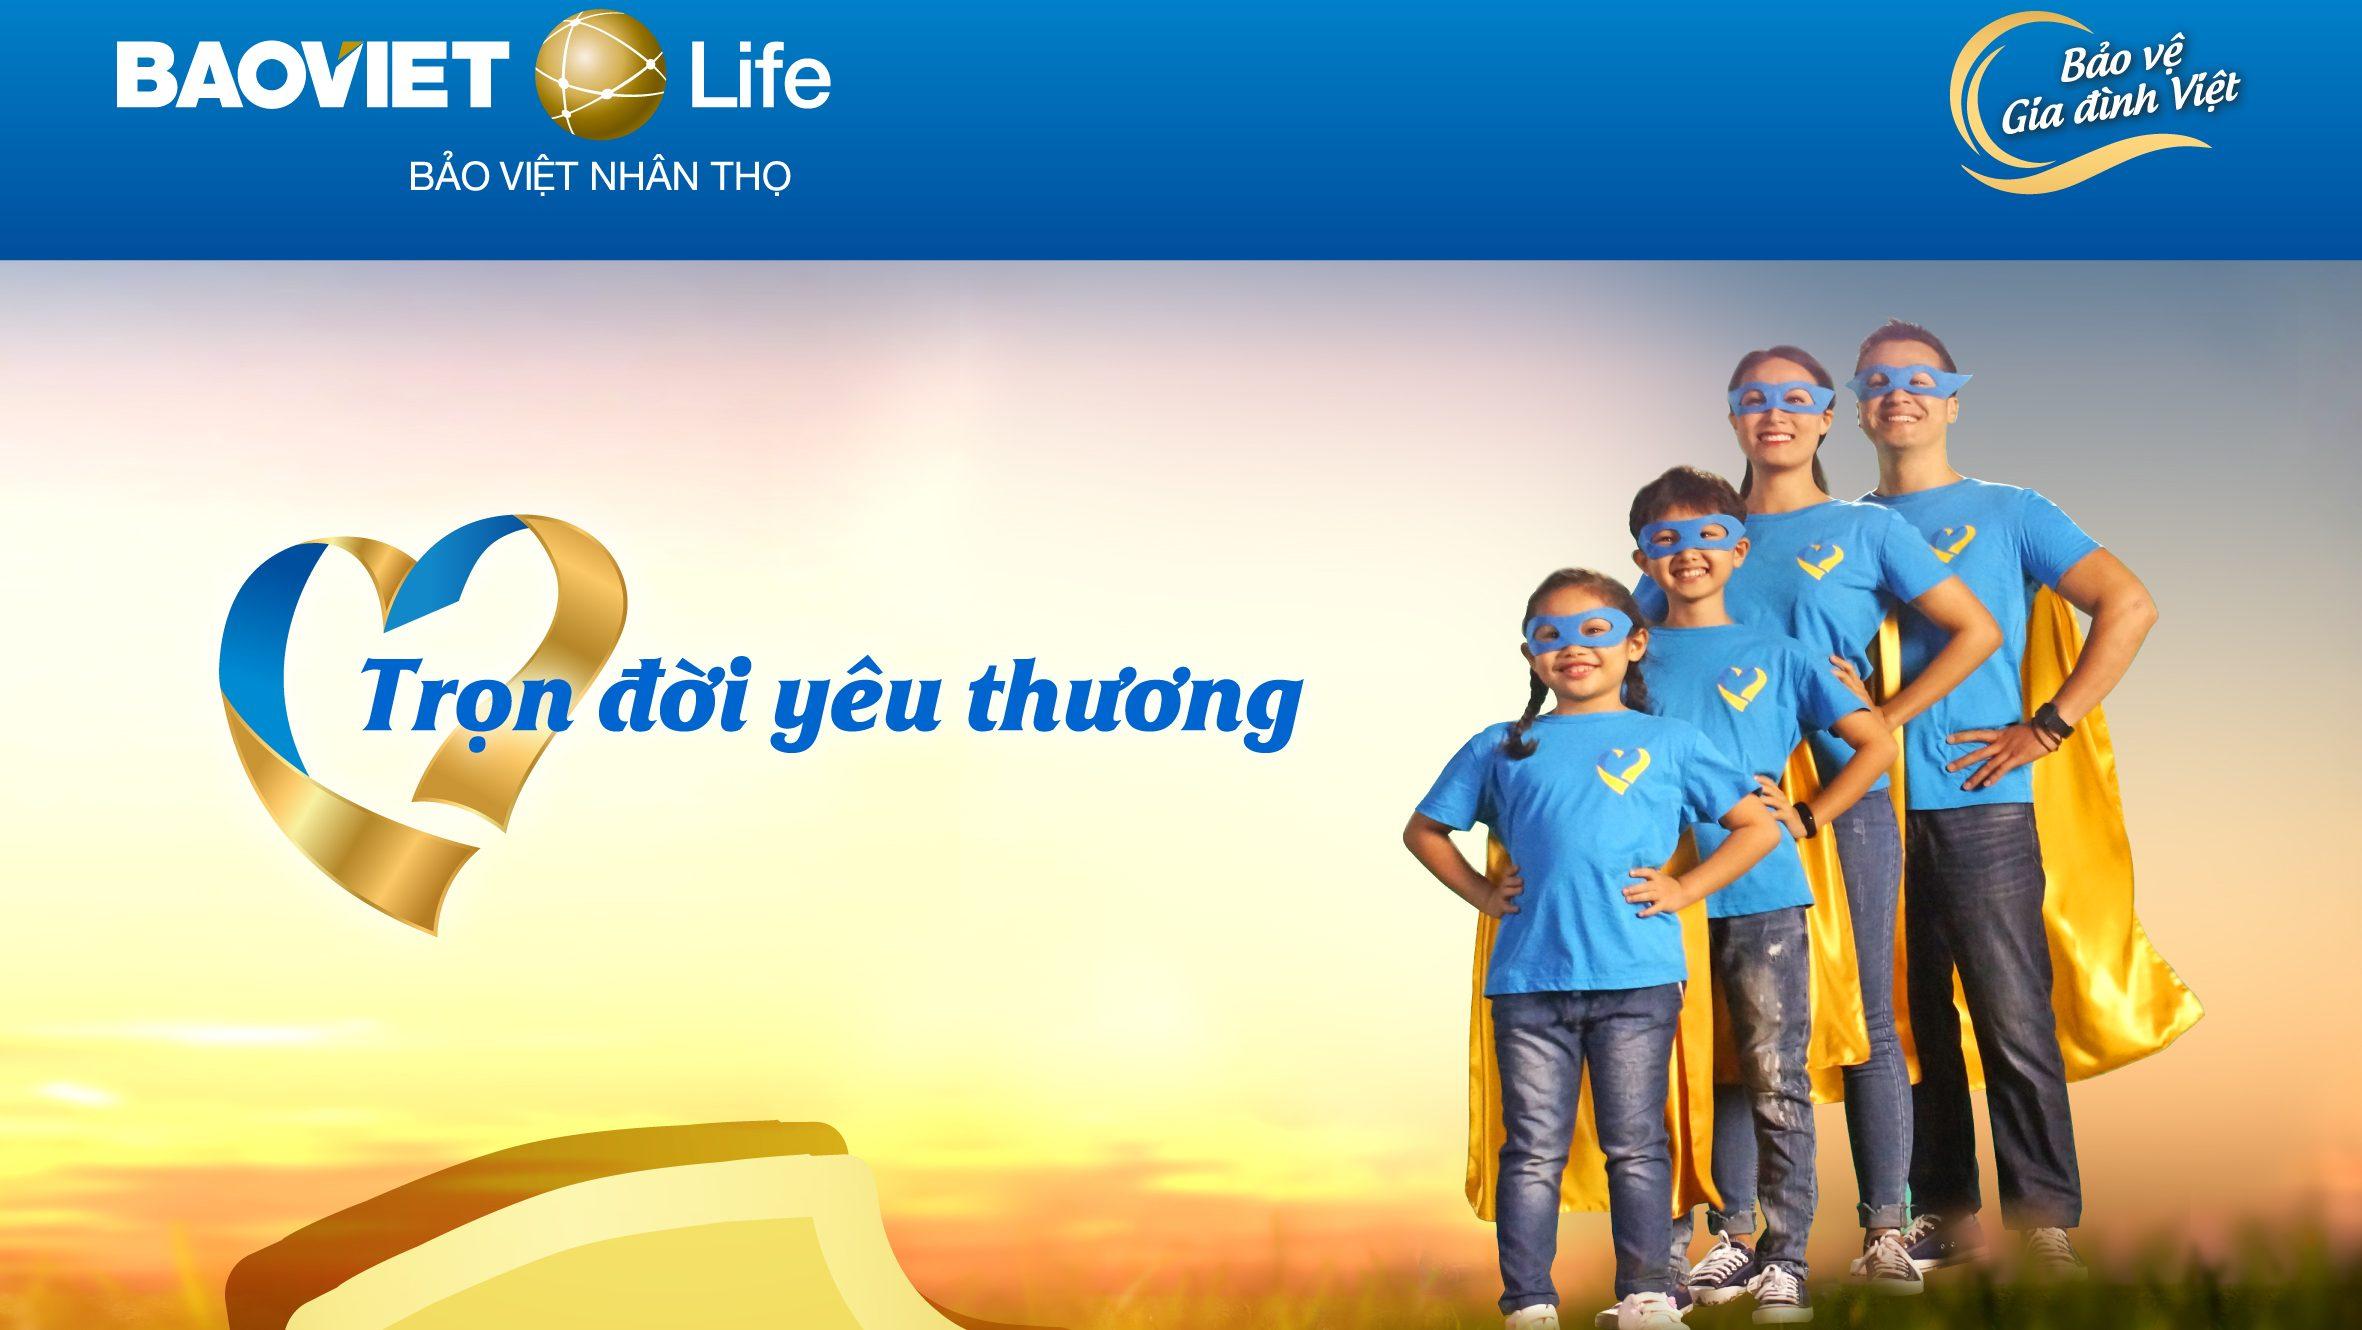 Tron_doi_yeu_thuong_cua_bao_viet_nhan_tho